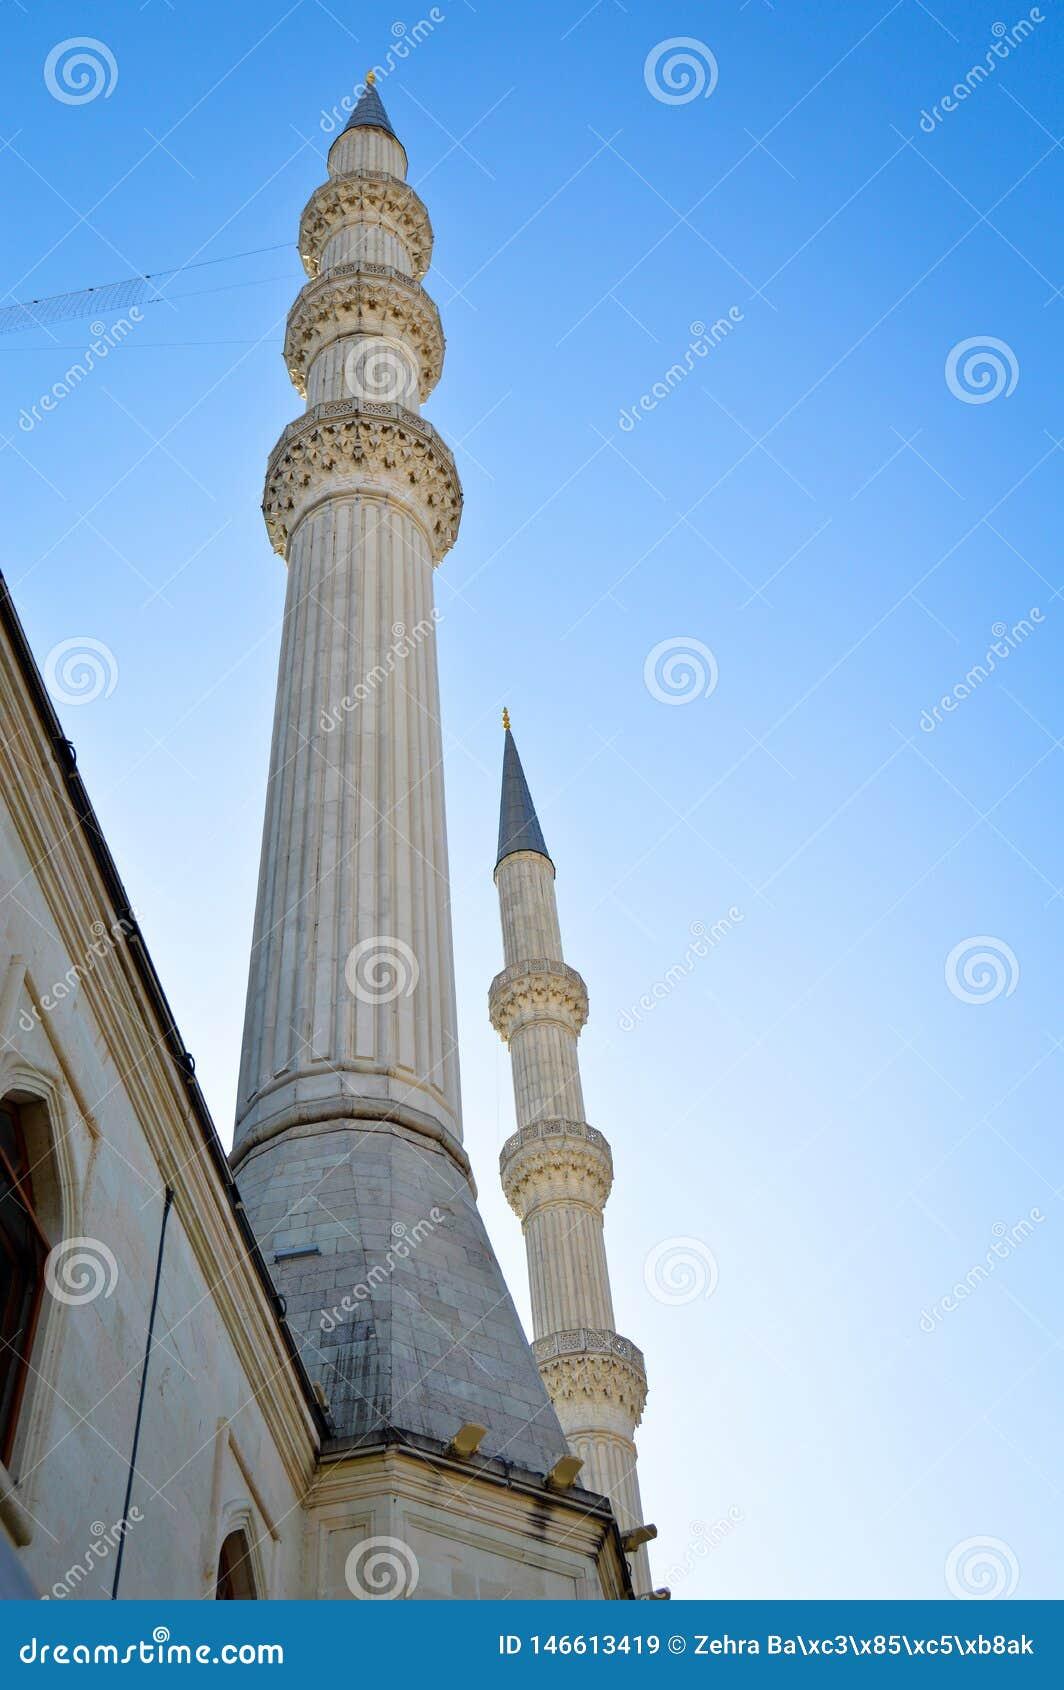 清真寺尖塔和天空蔚蓝 圆顶,设计